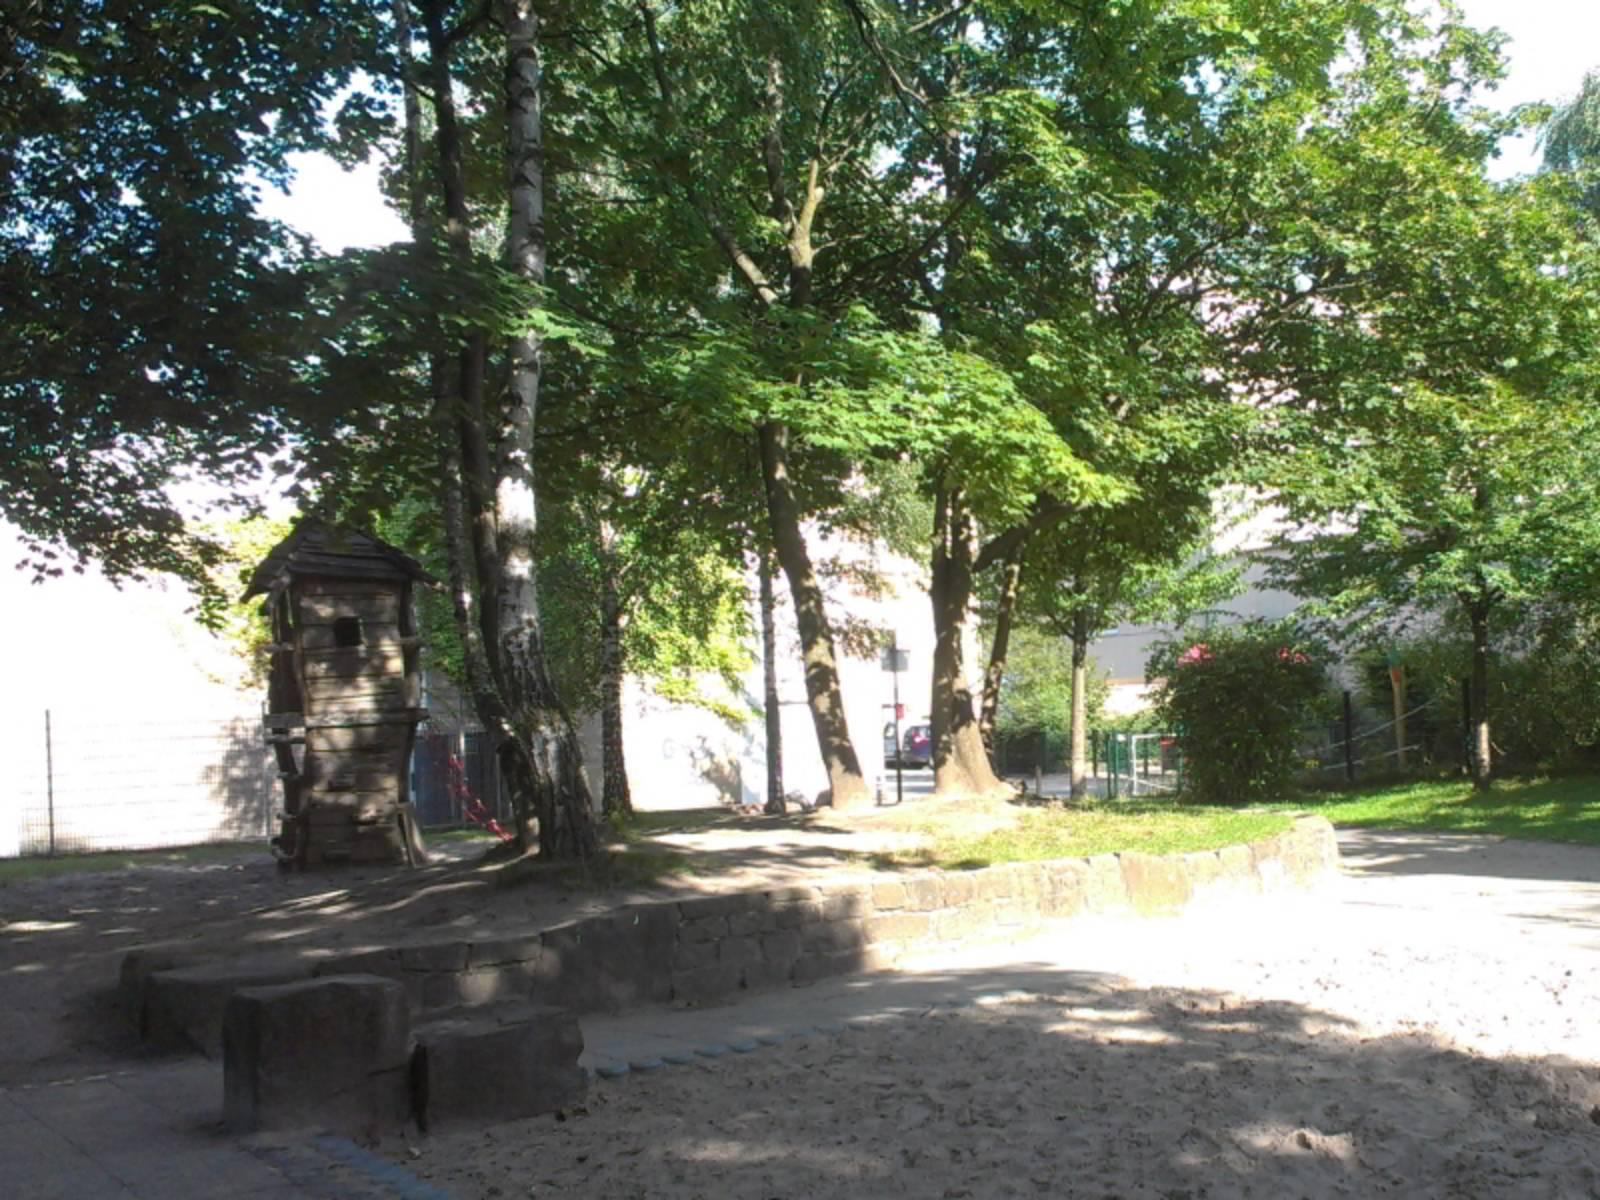 Holzturm und Sandkasten auf dem Spielplatz Mendelssohnstraße